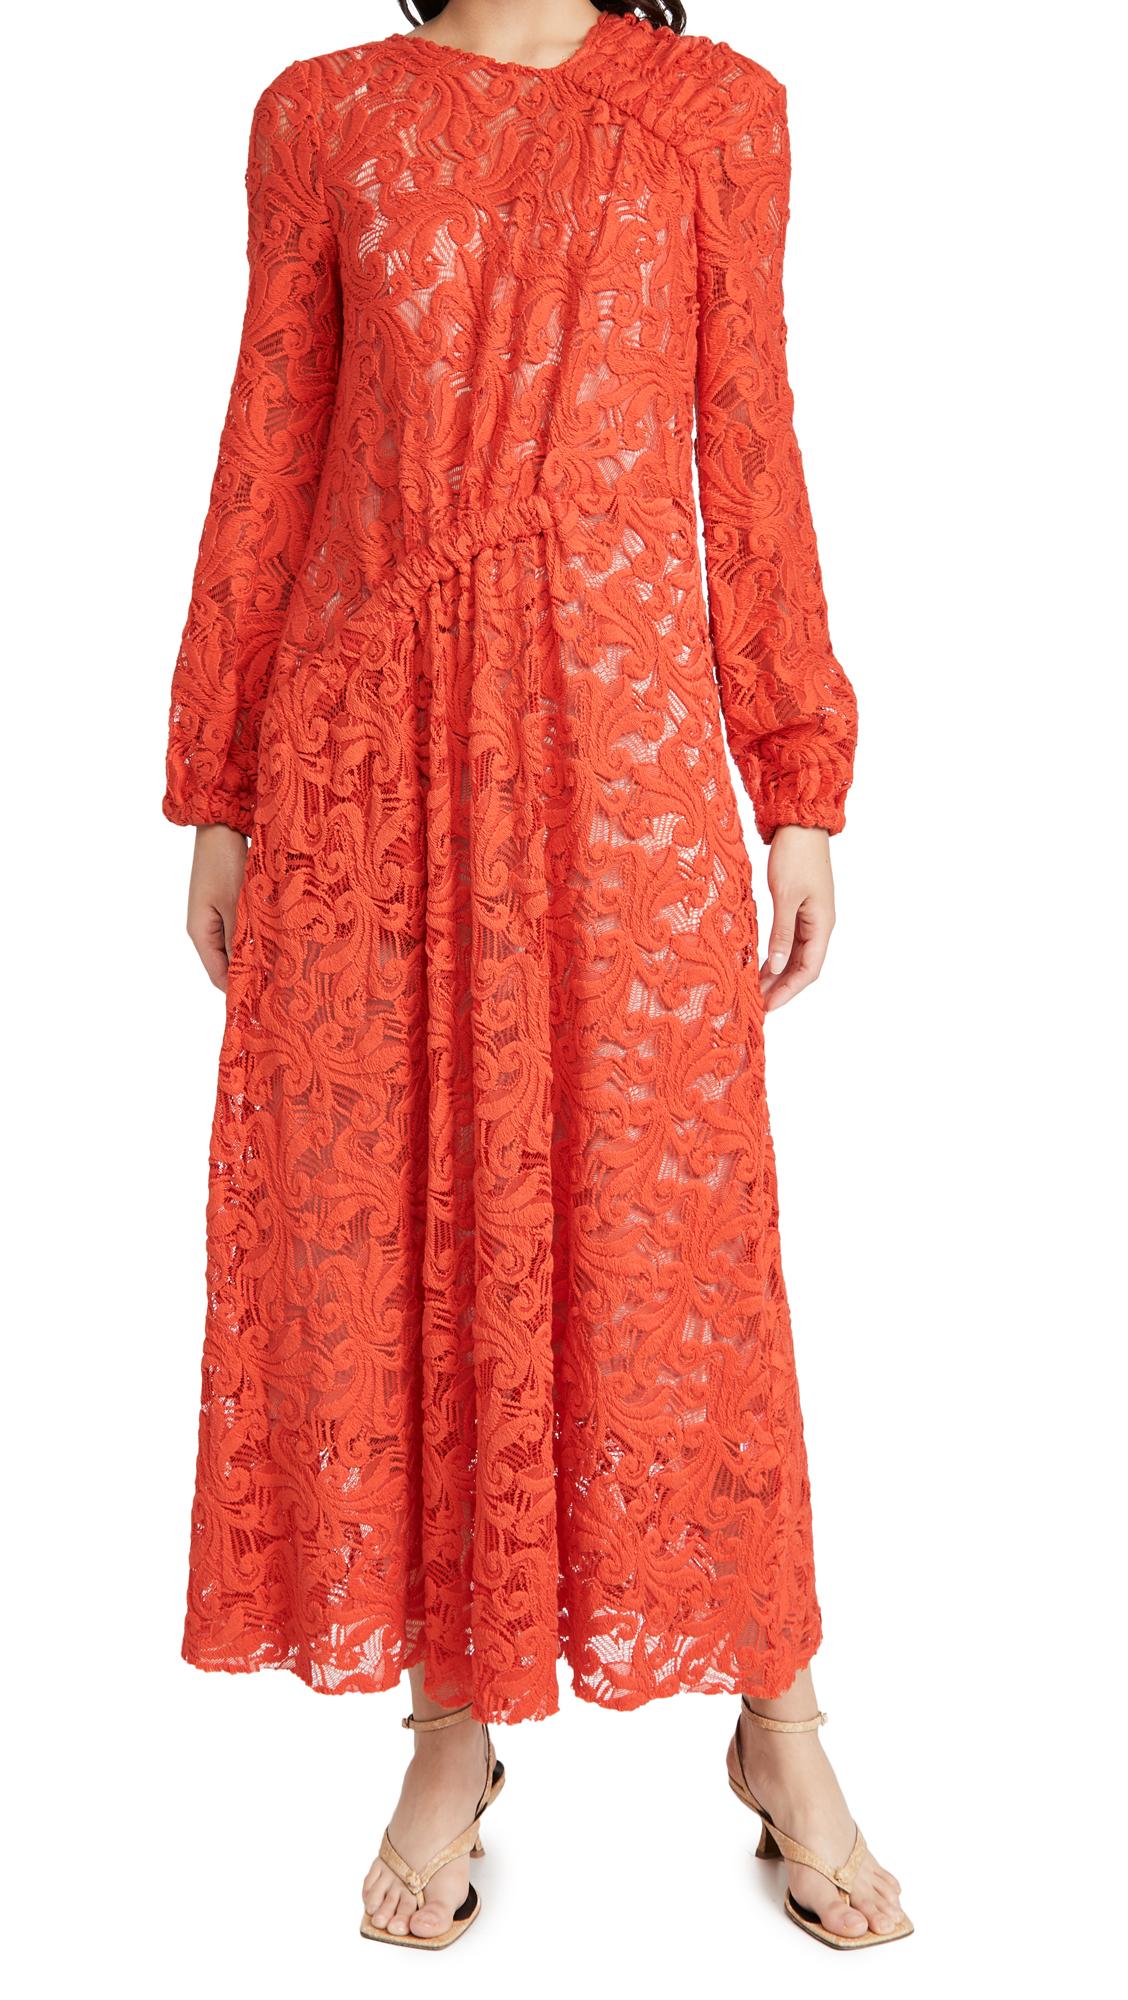 Rachel Comey Warwick Dress